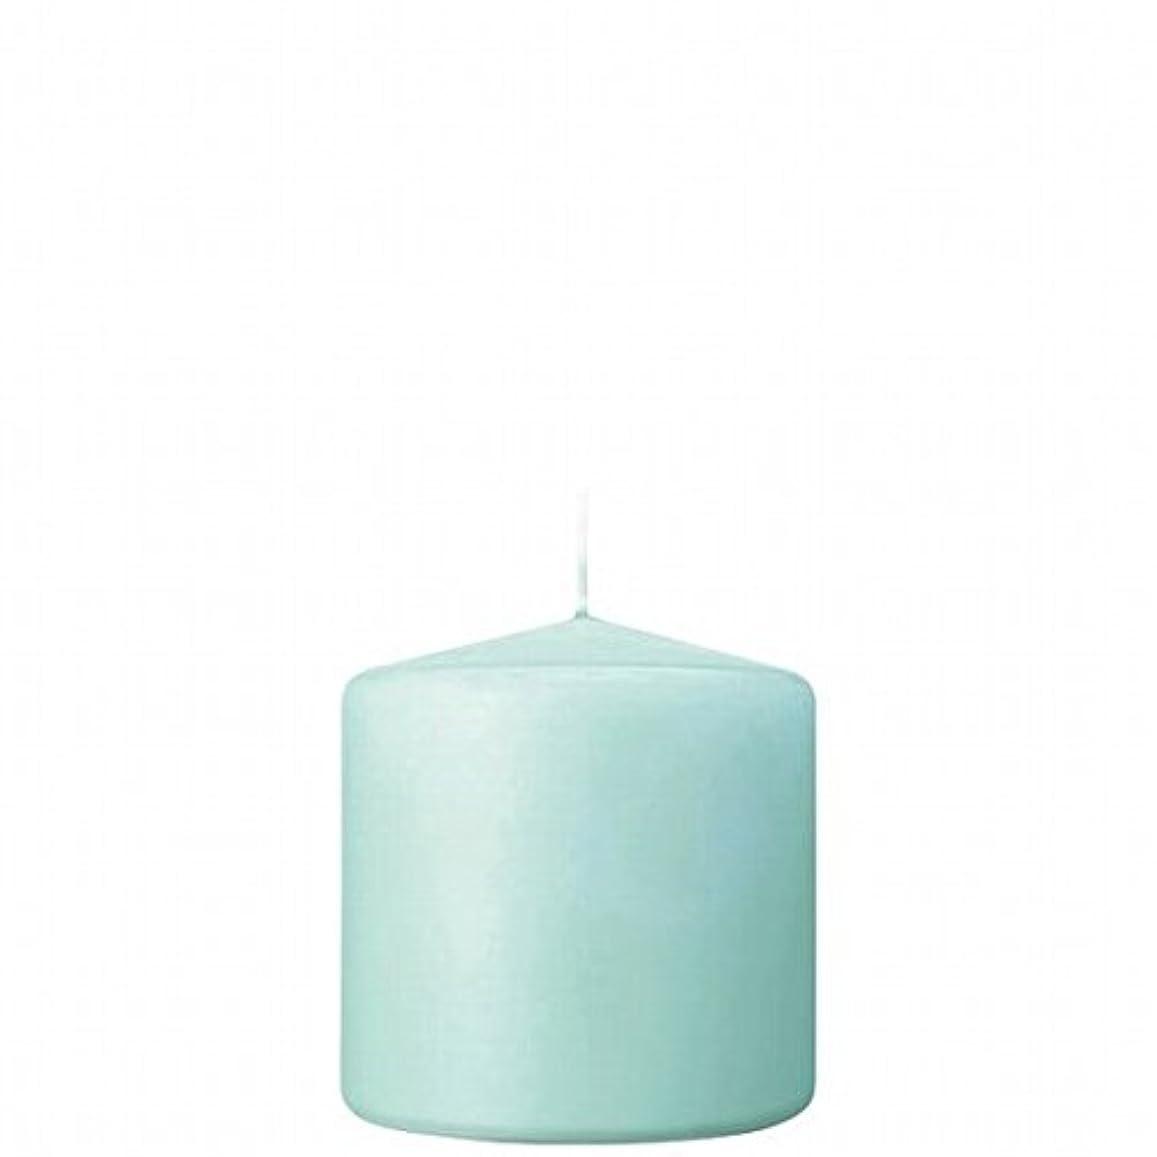 ピーステンポブラウザkameyama candle(カメヤマキャンドル) 3×3ベルトップピラーキャンドル 「 ライトブルー 」(A9730000LB)